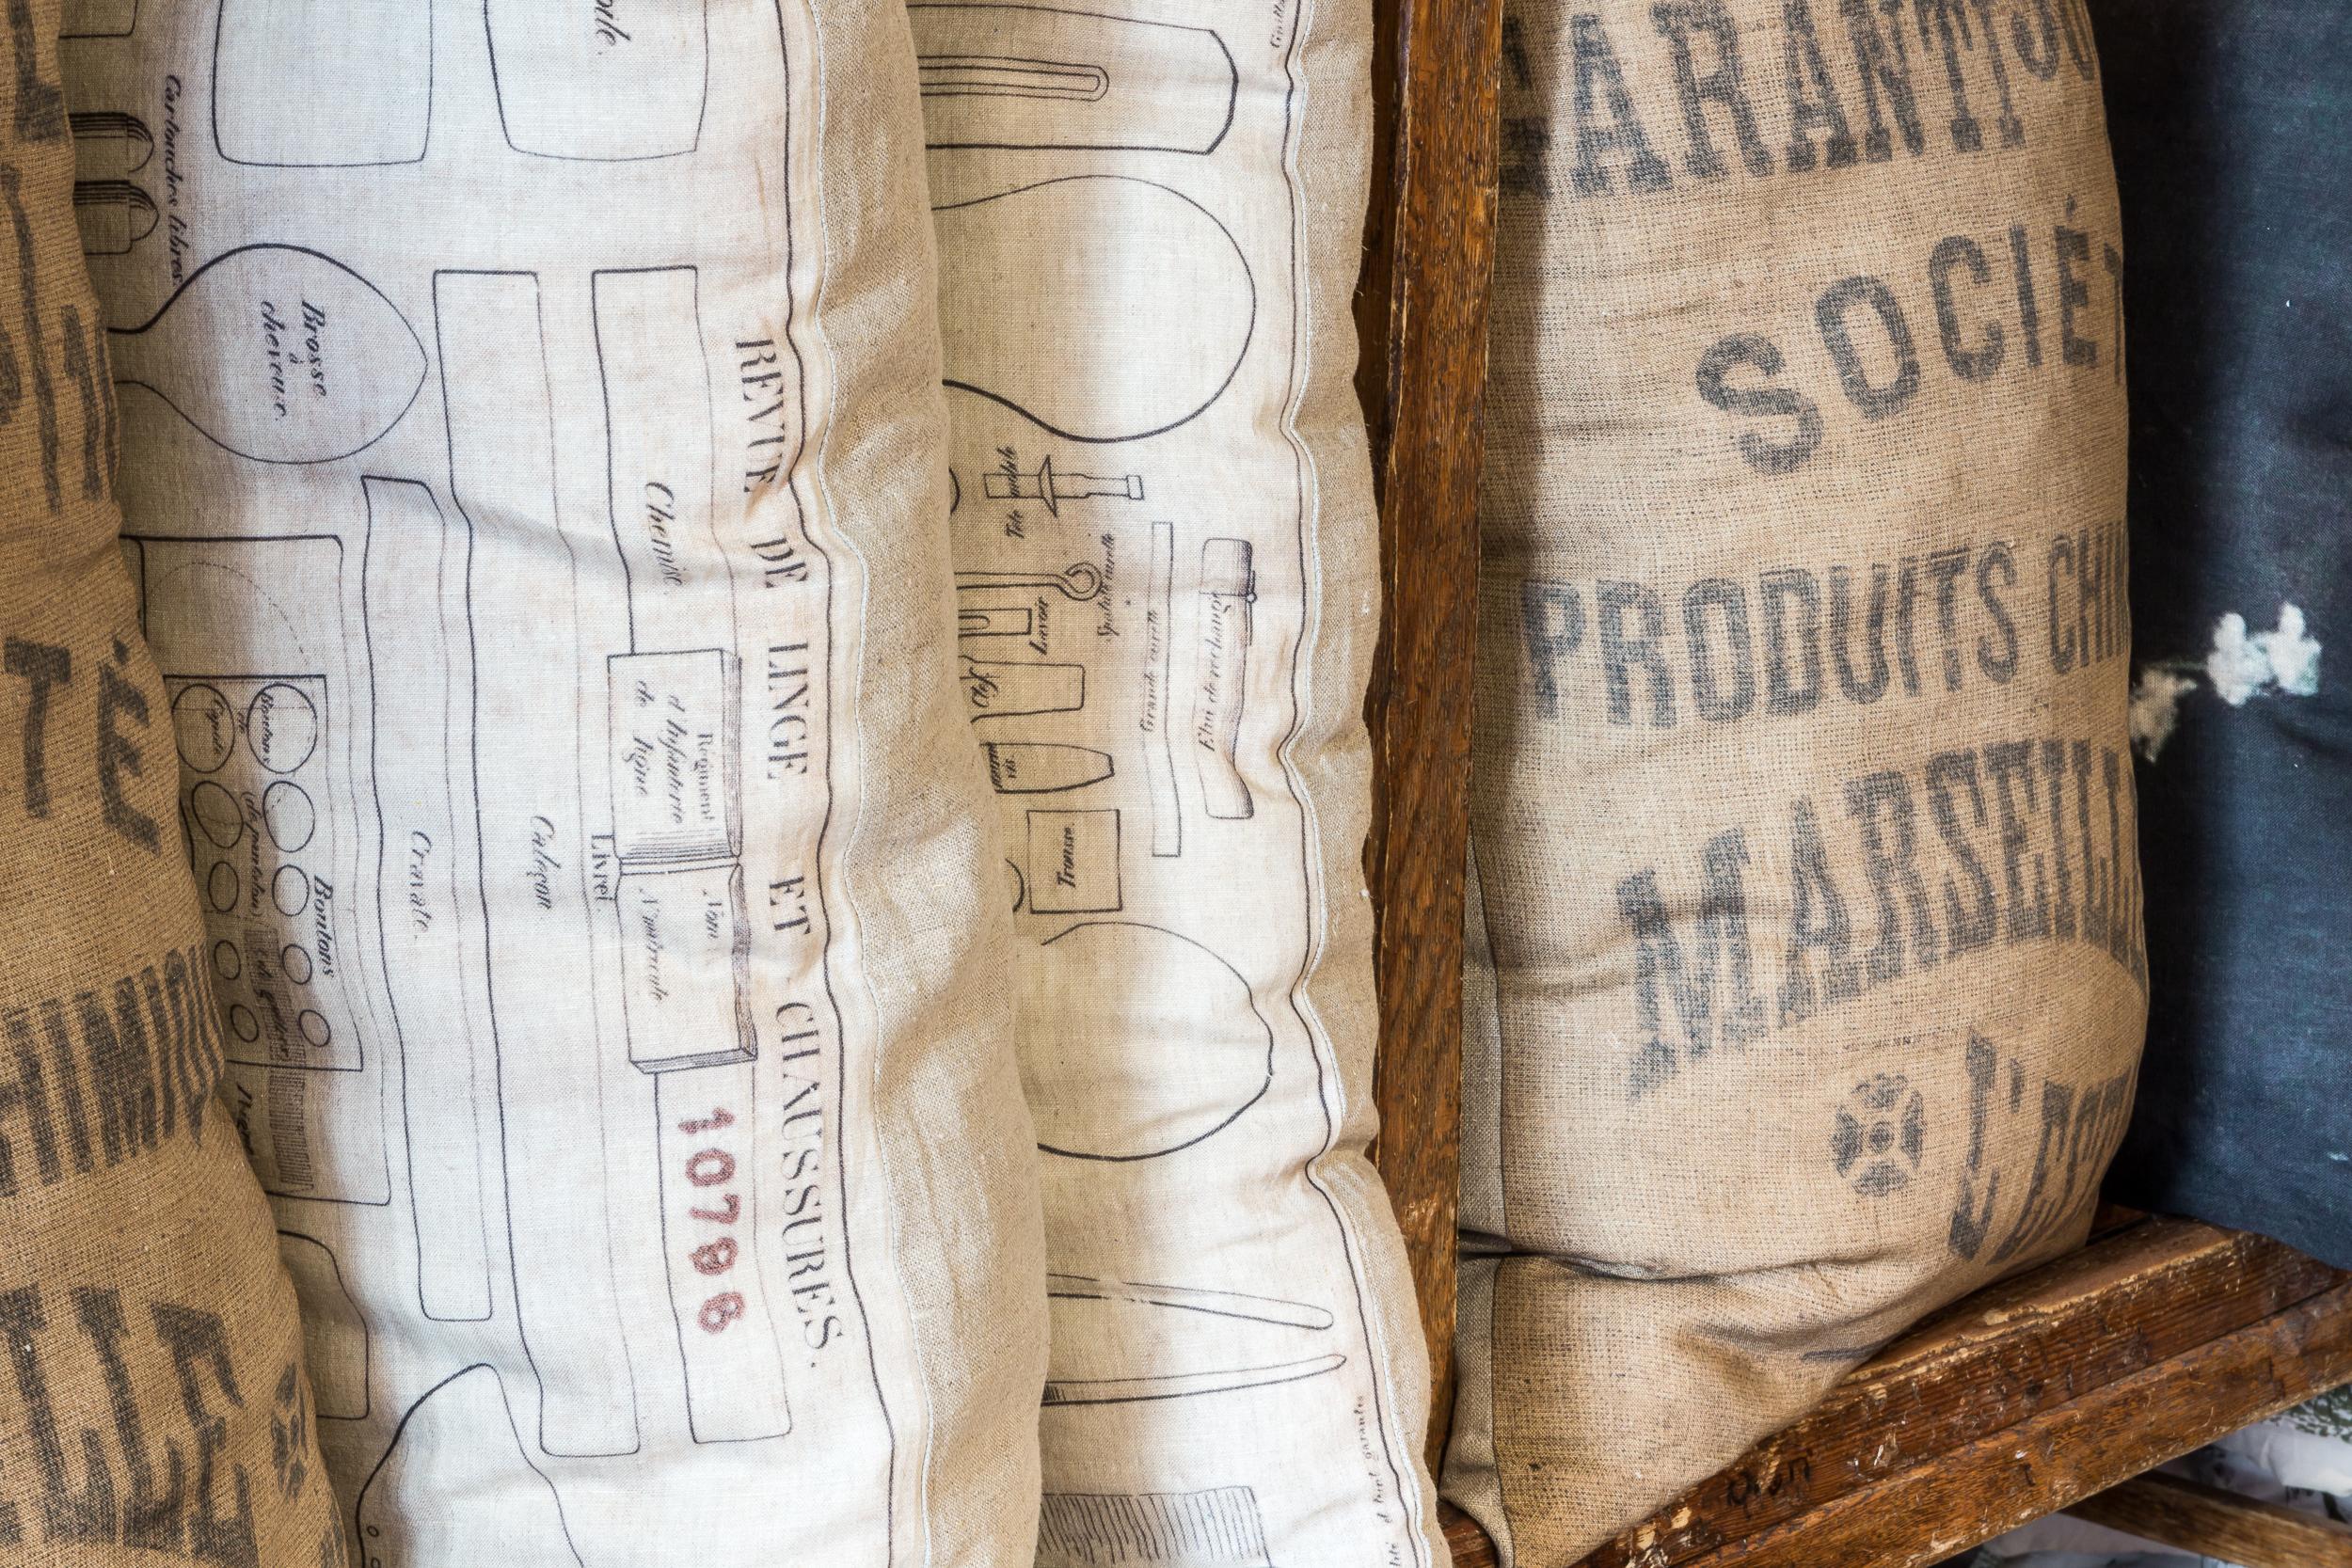 Da Raw non mancano mai i cuscini ricavati da vecchi sacchi industiali